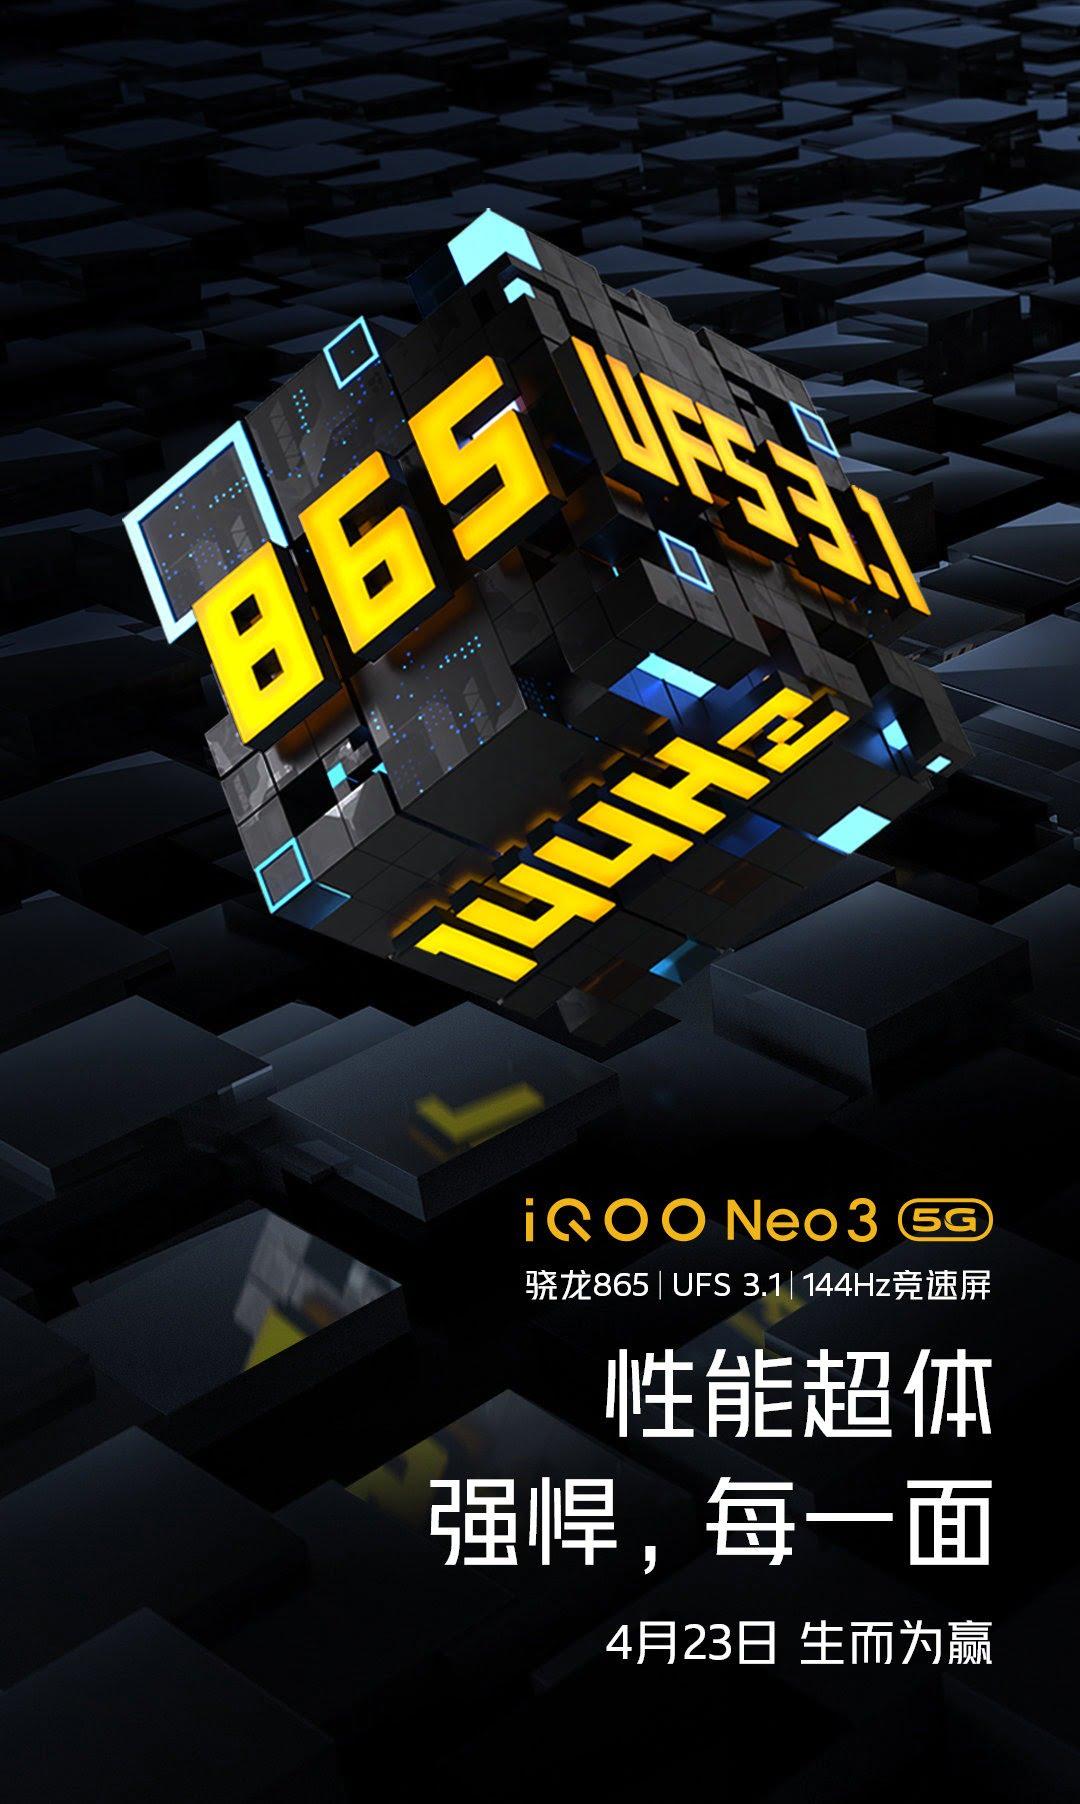 iQOO Neo3